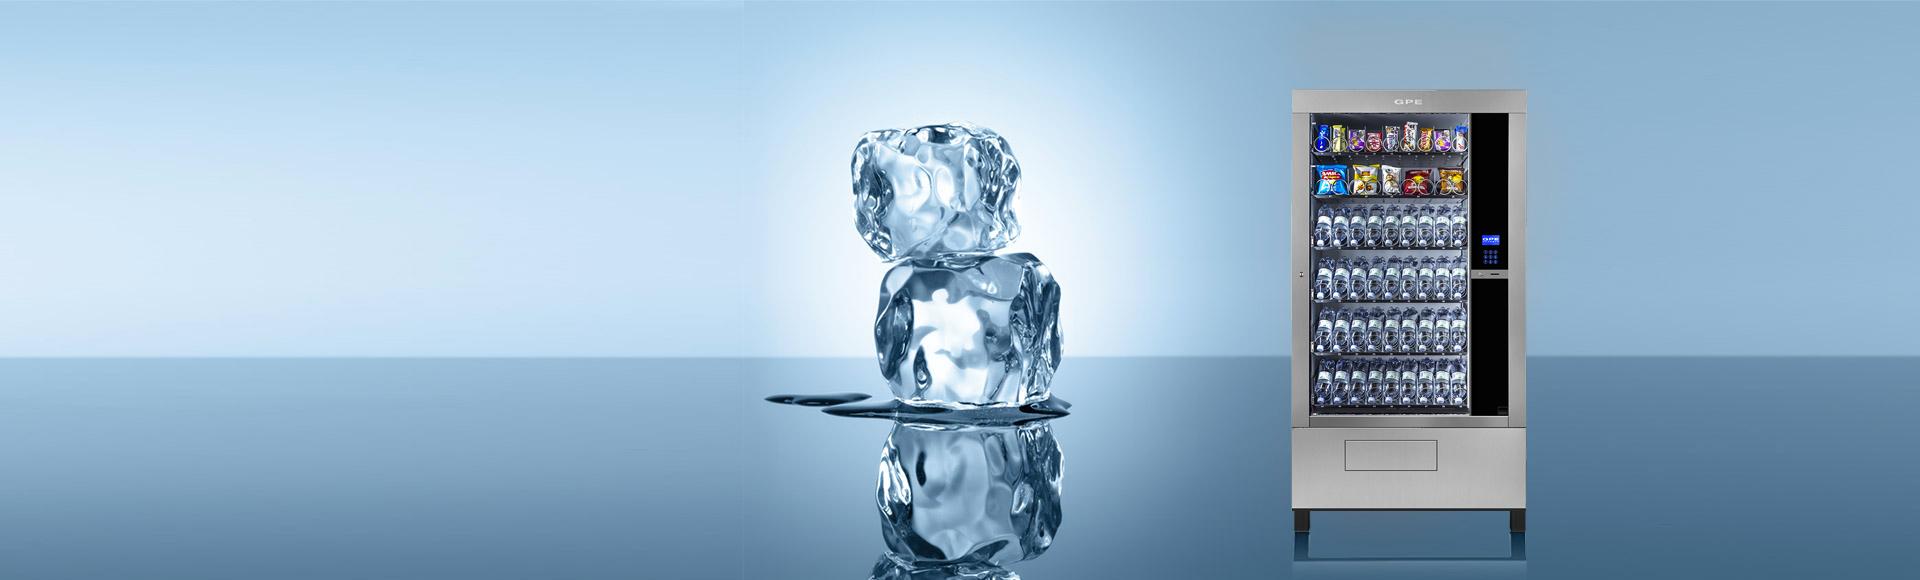 Refrigerada